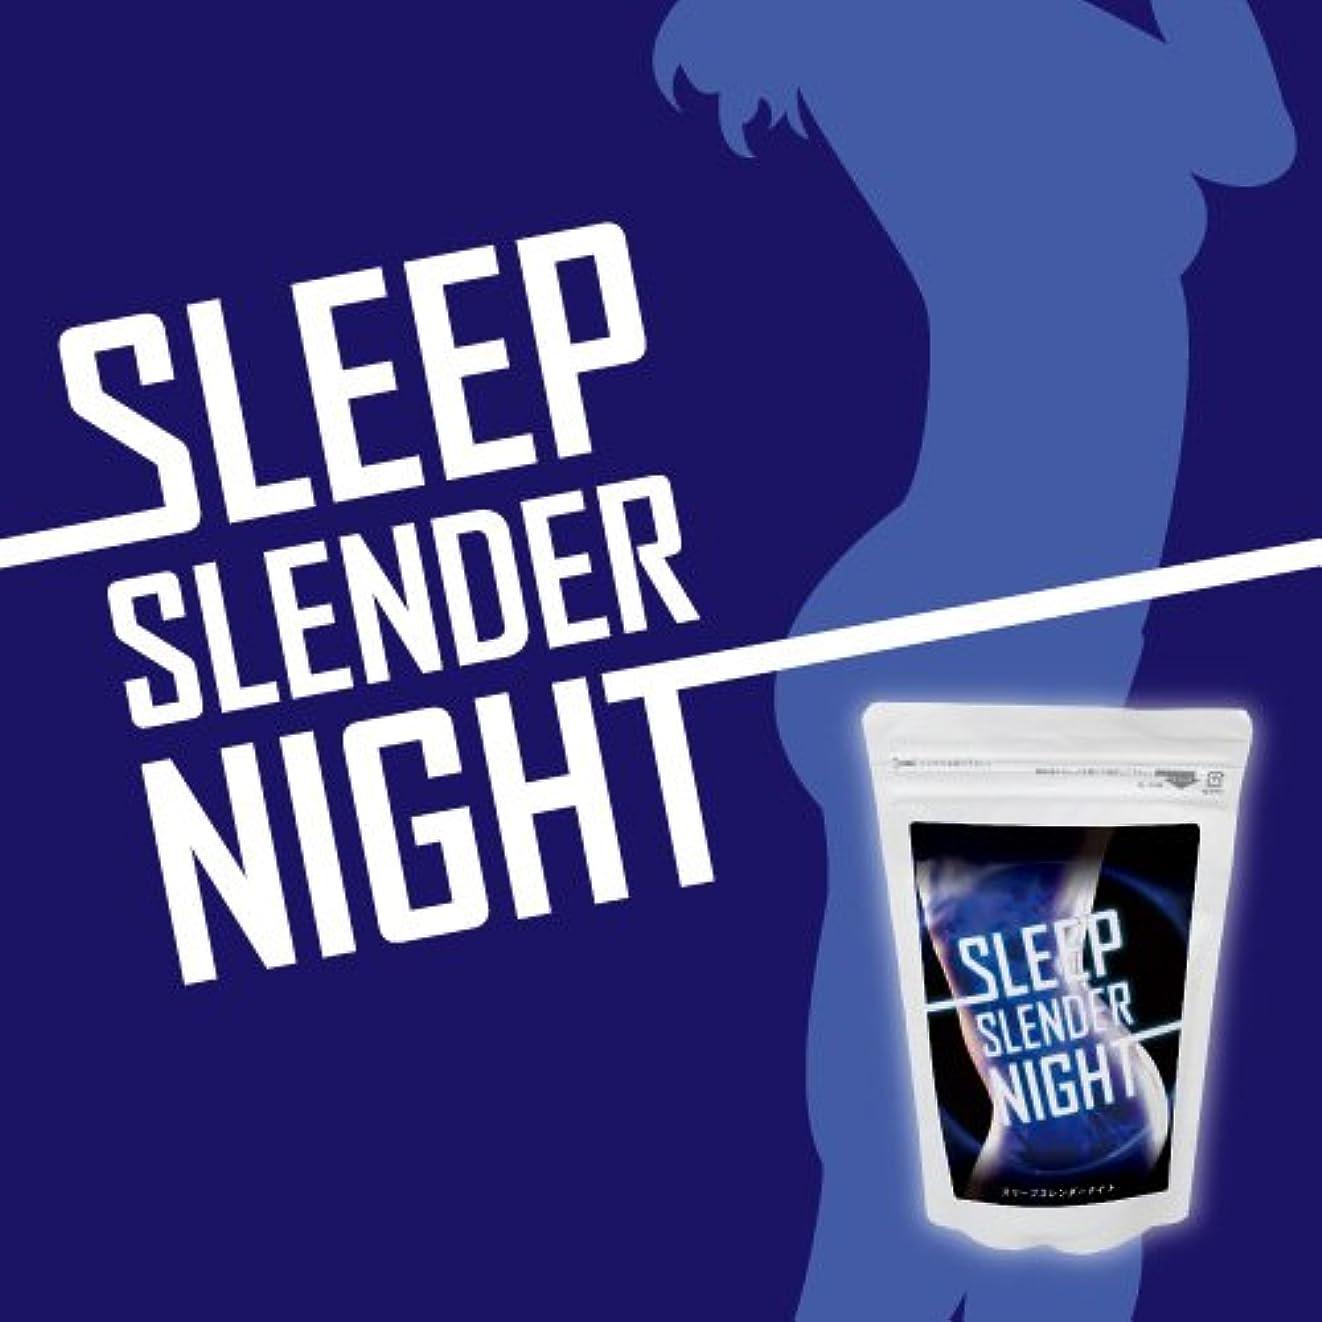 気分マーキー知らせるSleep Slender Night(スリープスレンダーナイト) ダイエット ダイエットサプリ 送料無料